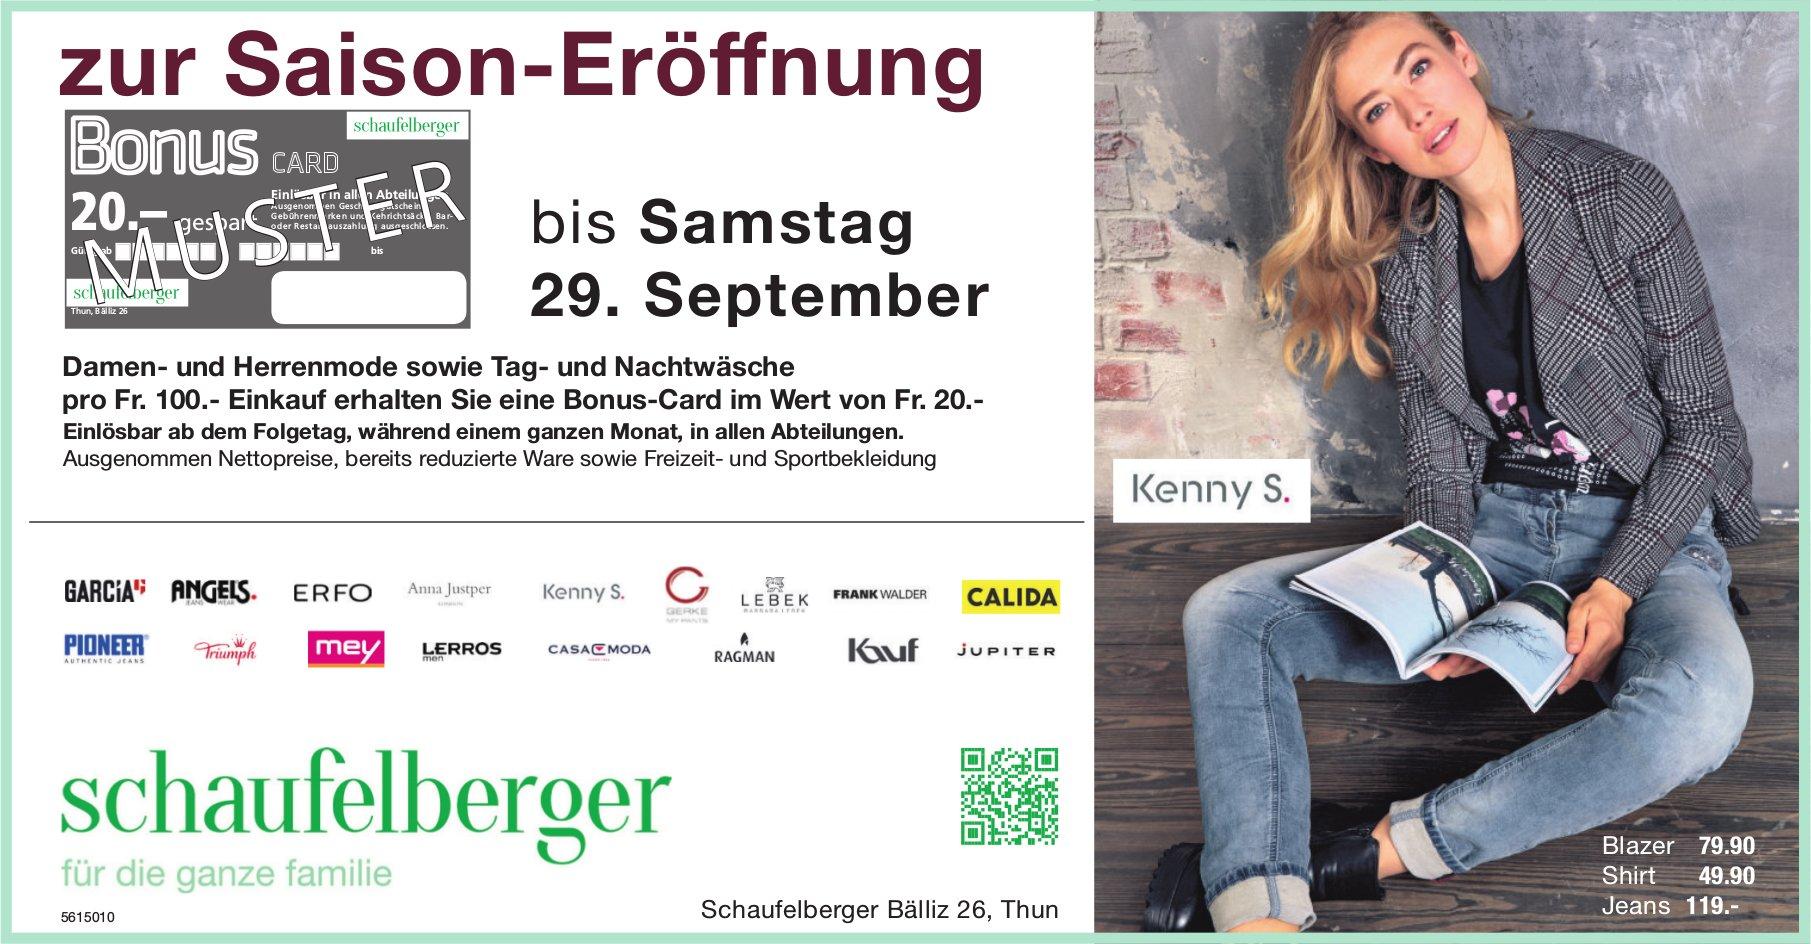 Schaufelberger, Thun - zur Saisoneröffnung bis 29. September, Bonus Card Fr. 20.-